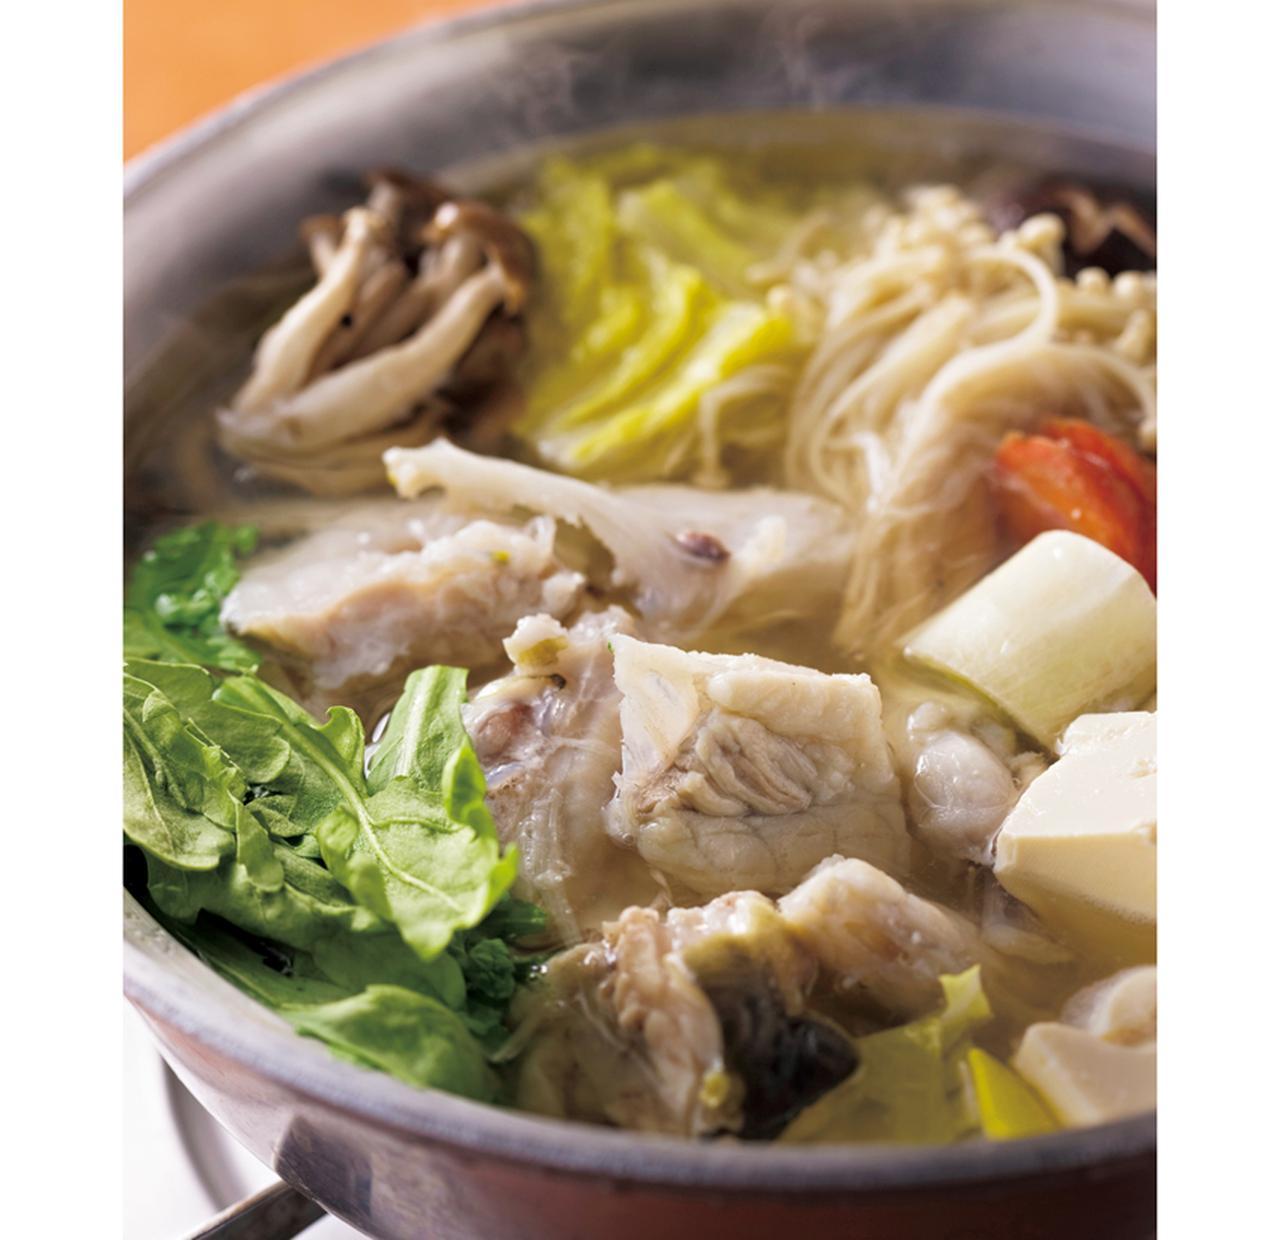 九州の贅沢鍋「博多 一刻堂」のカジュアルふぐ鍋♪  [FRaU]